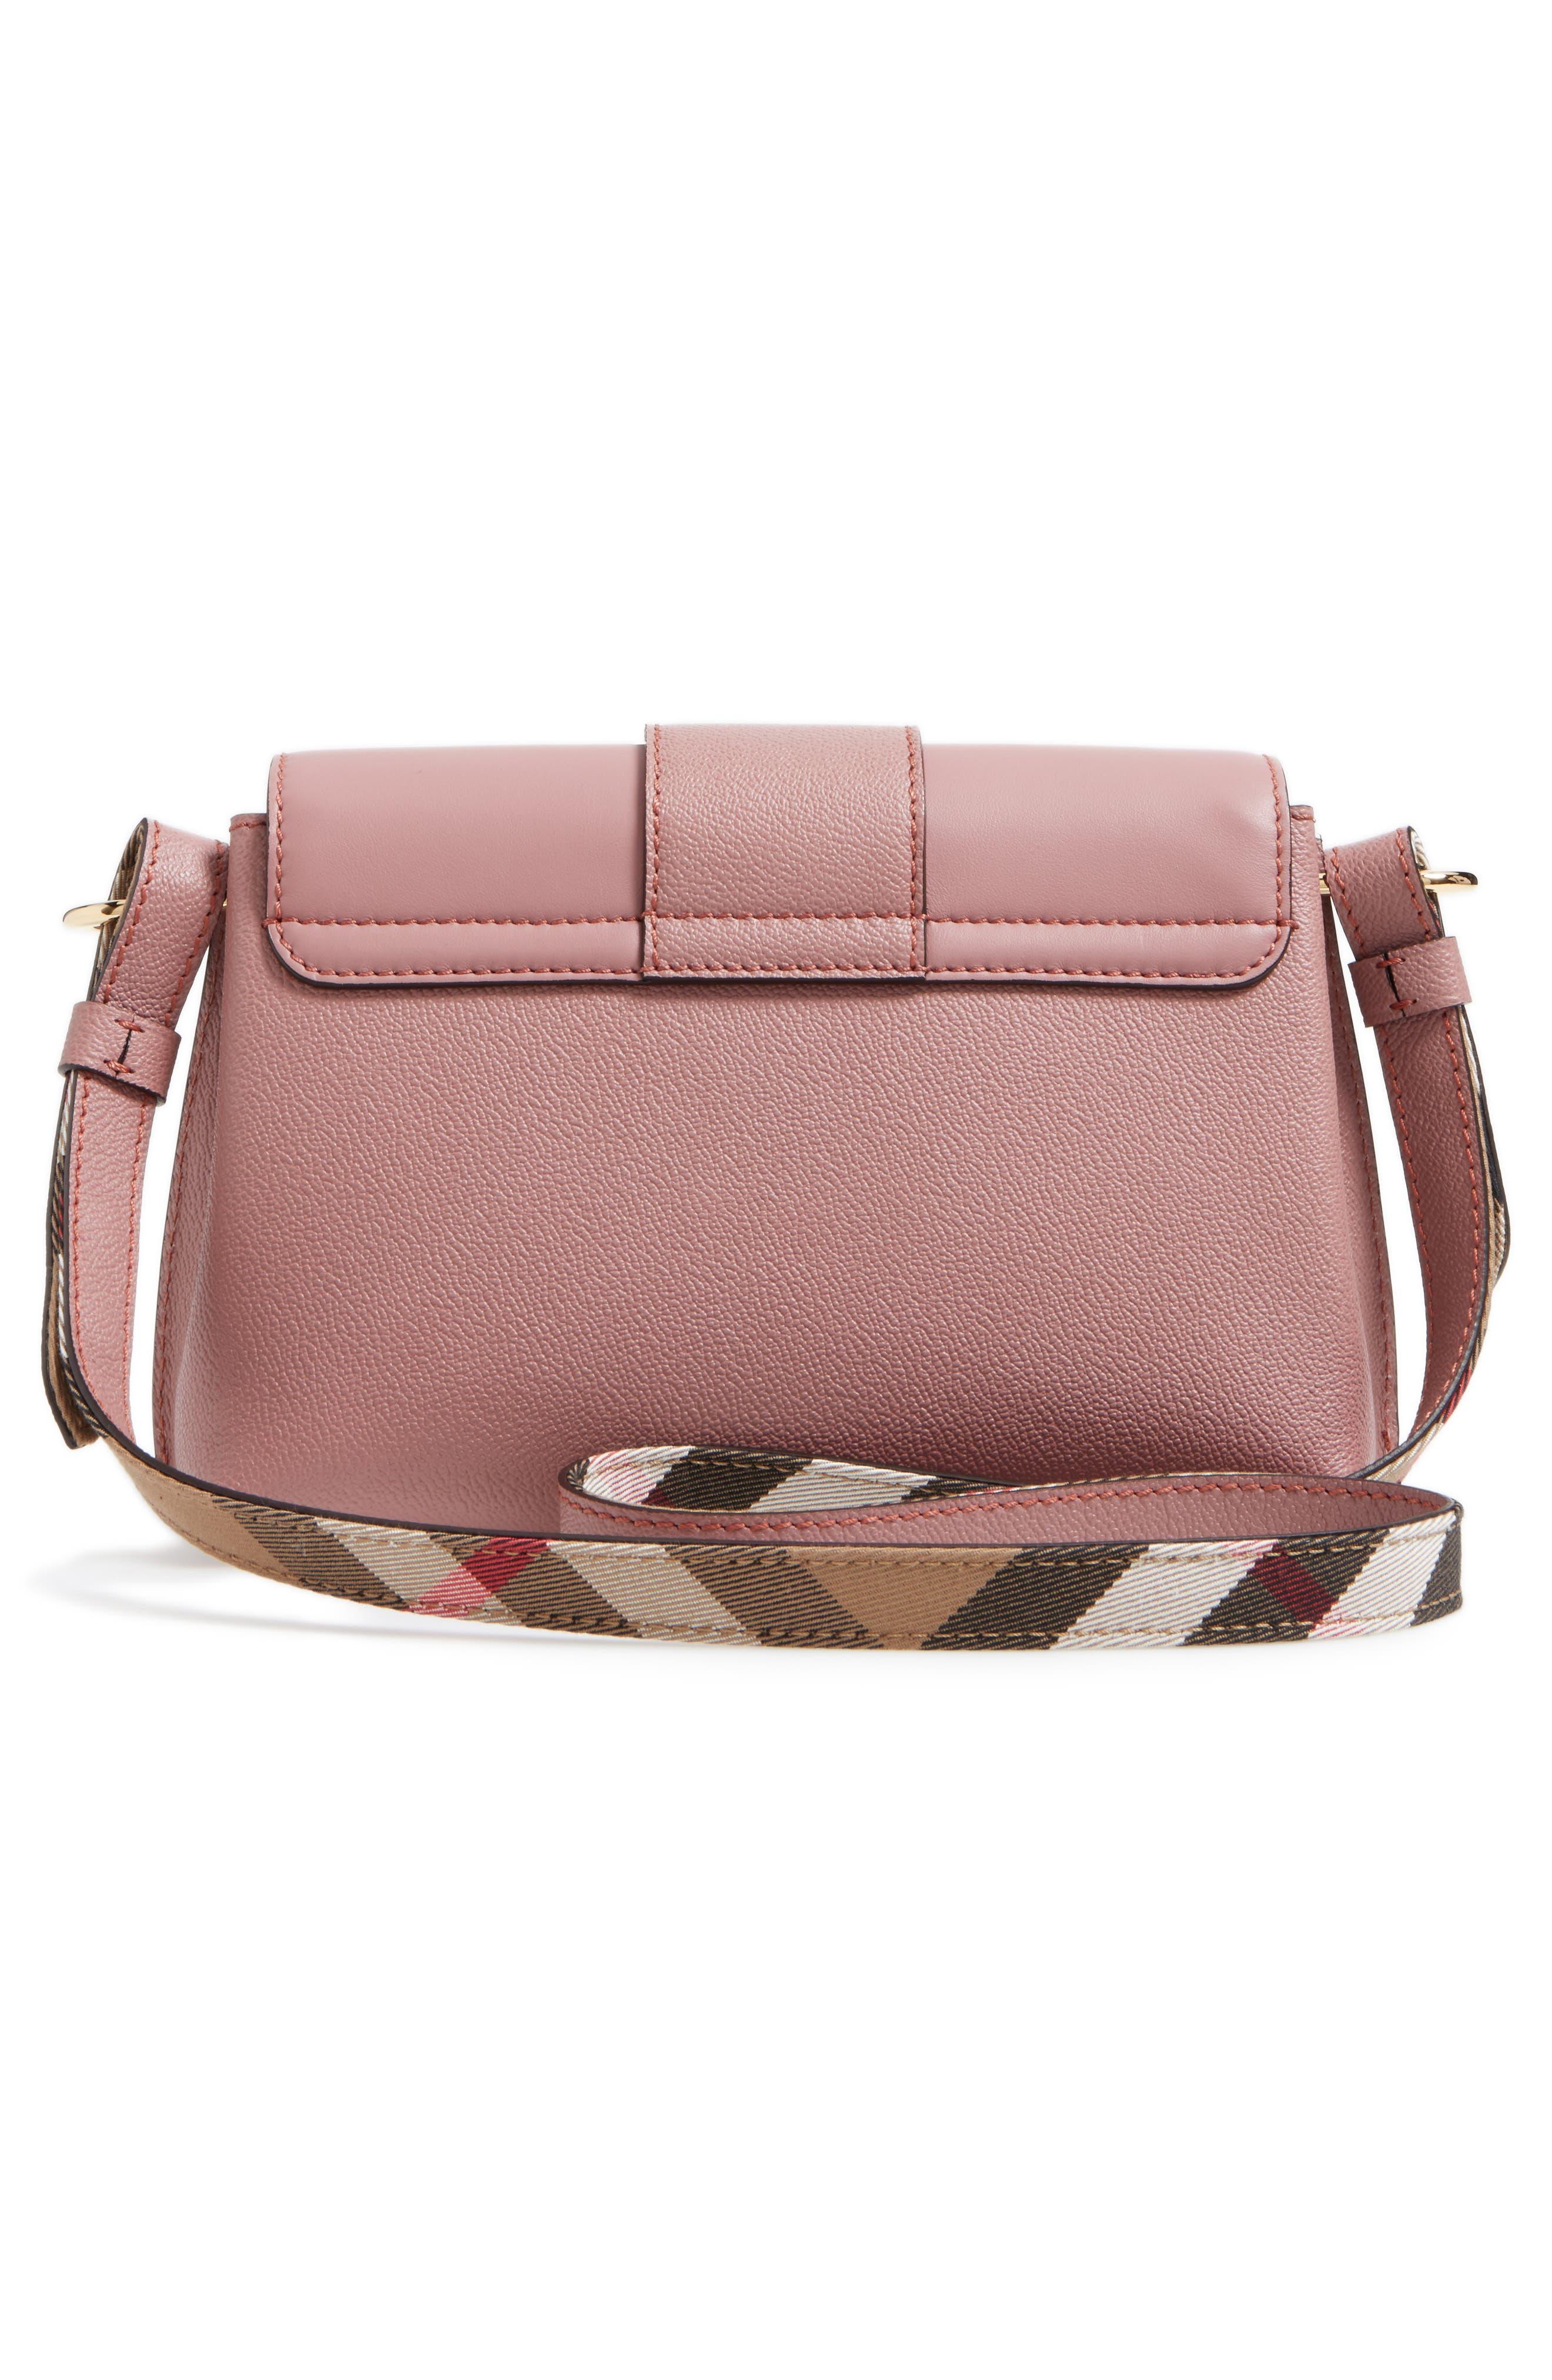 Alternate Image 3  - Burberry Small Medley Leather Shoulder Bag